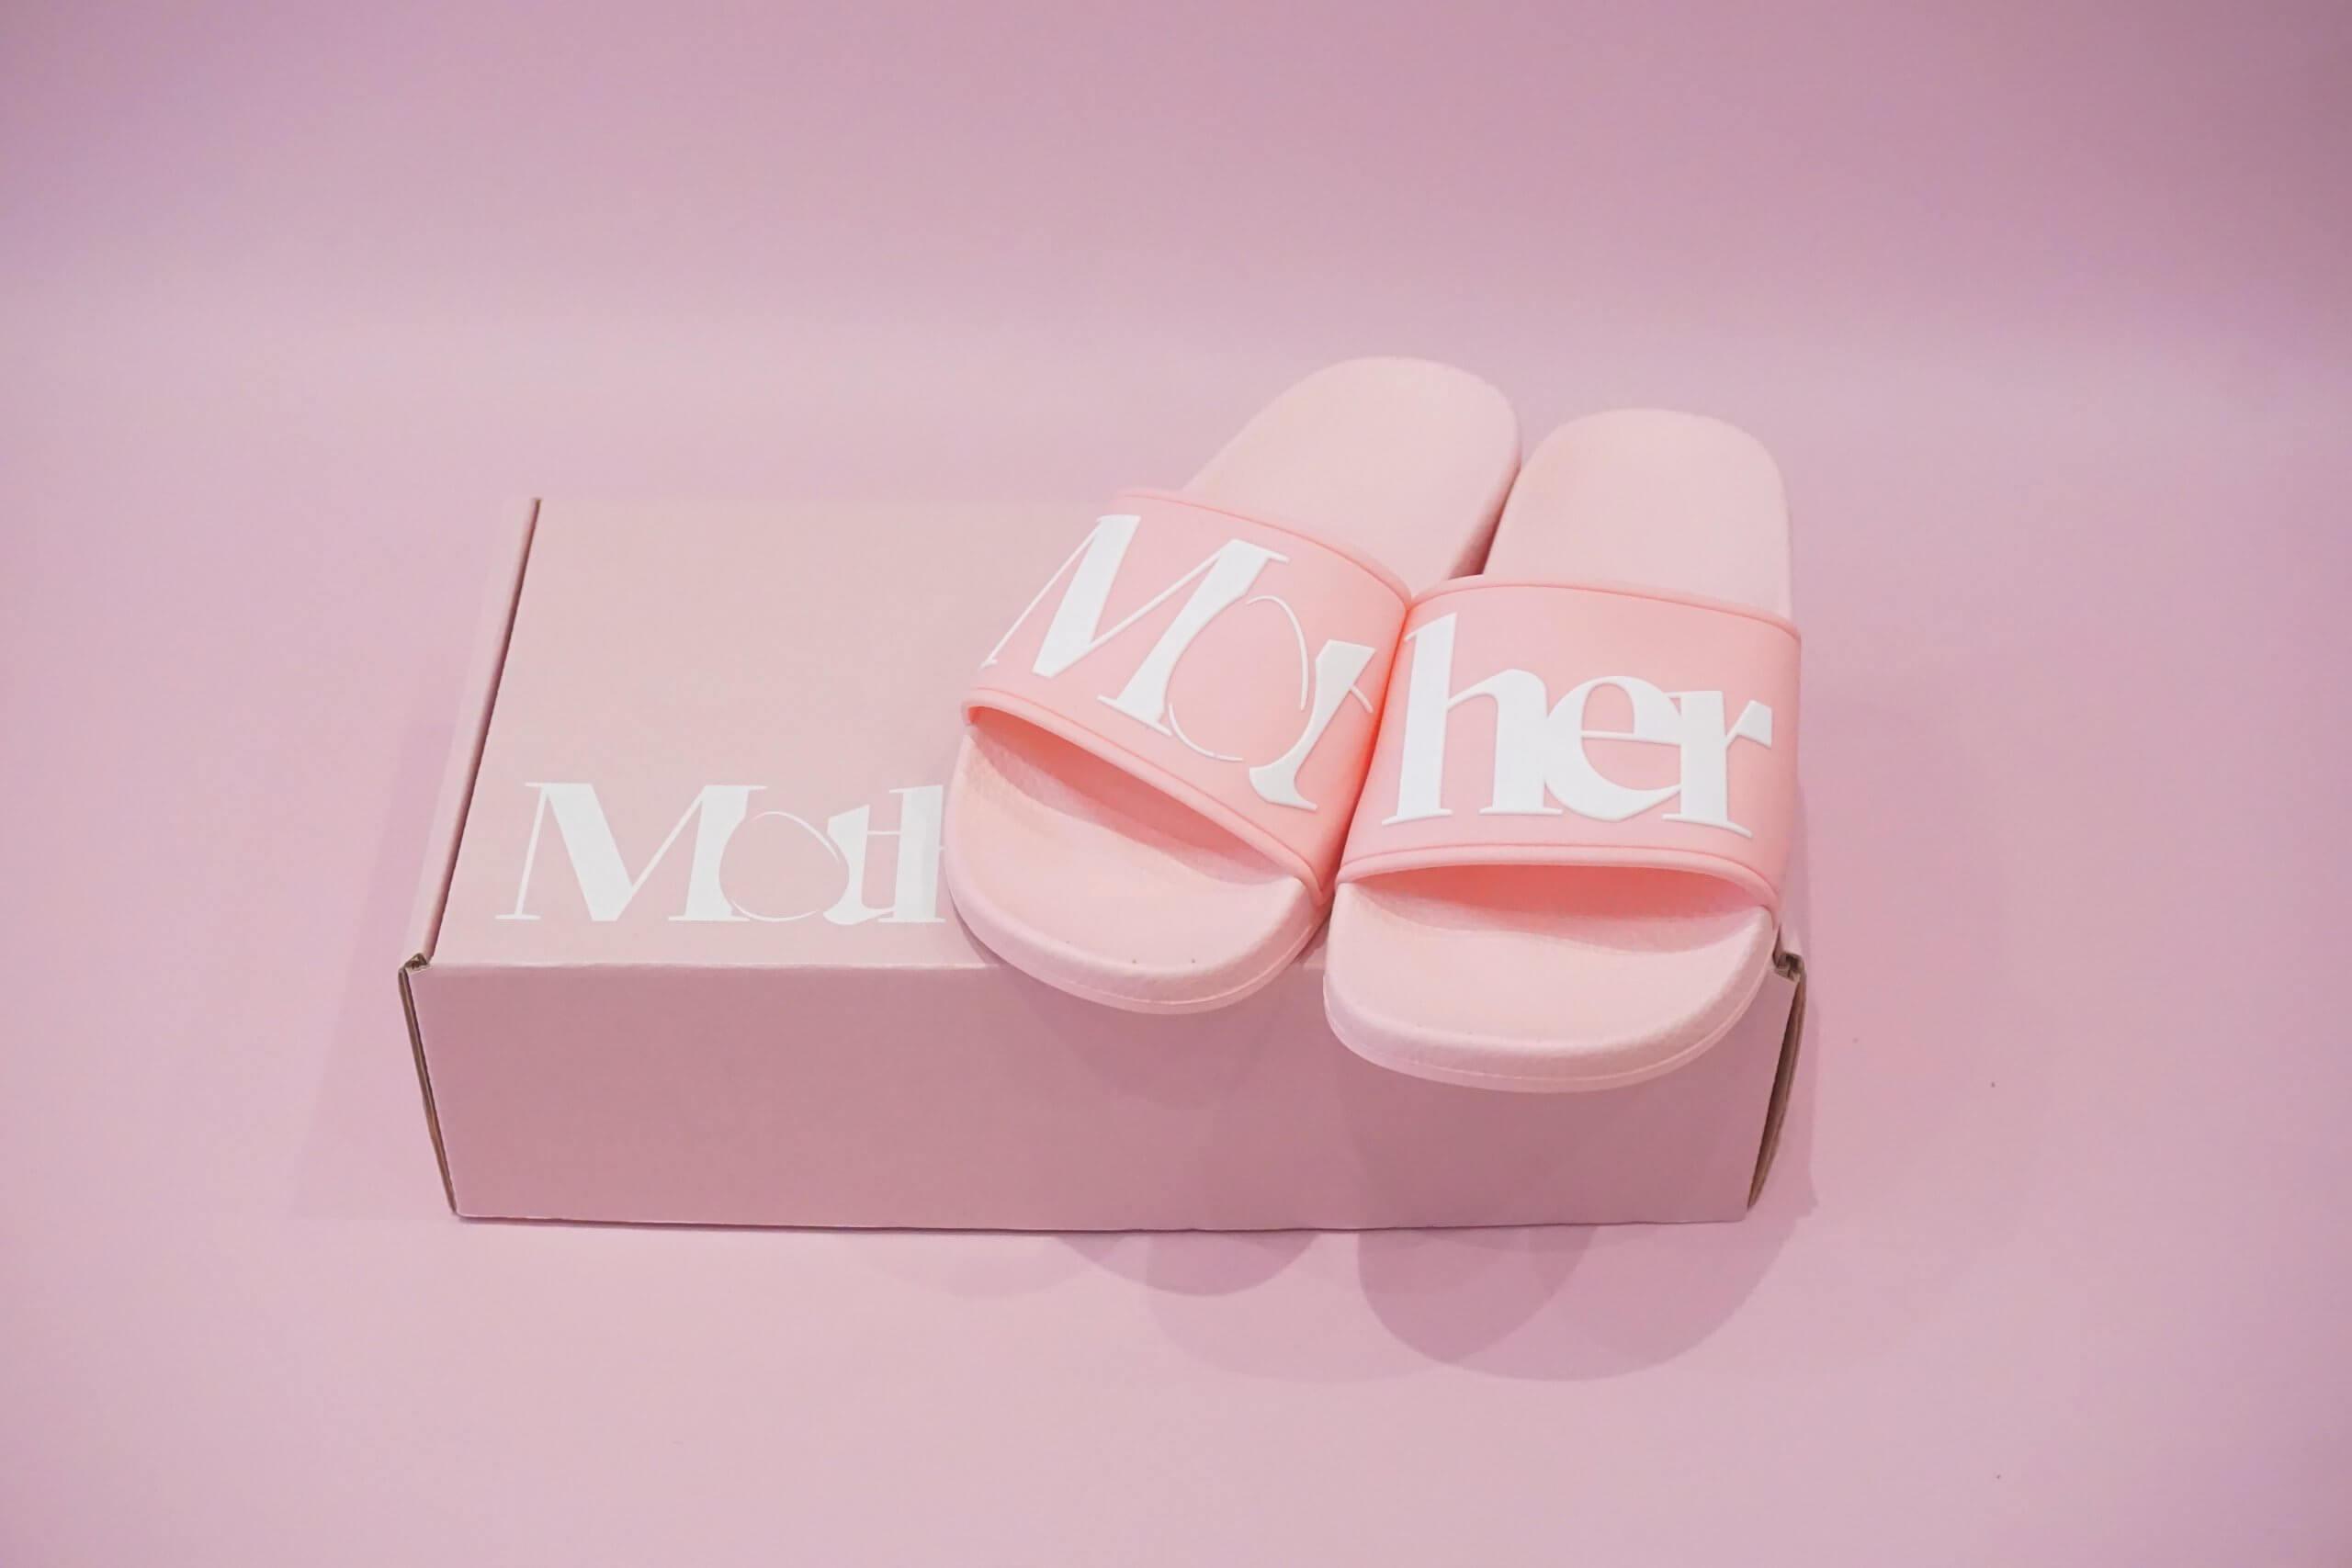 zapatillas de playa junto a una caja postal